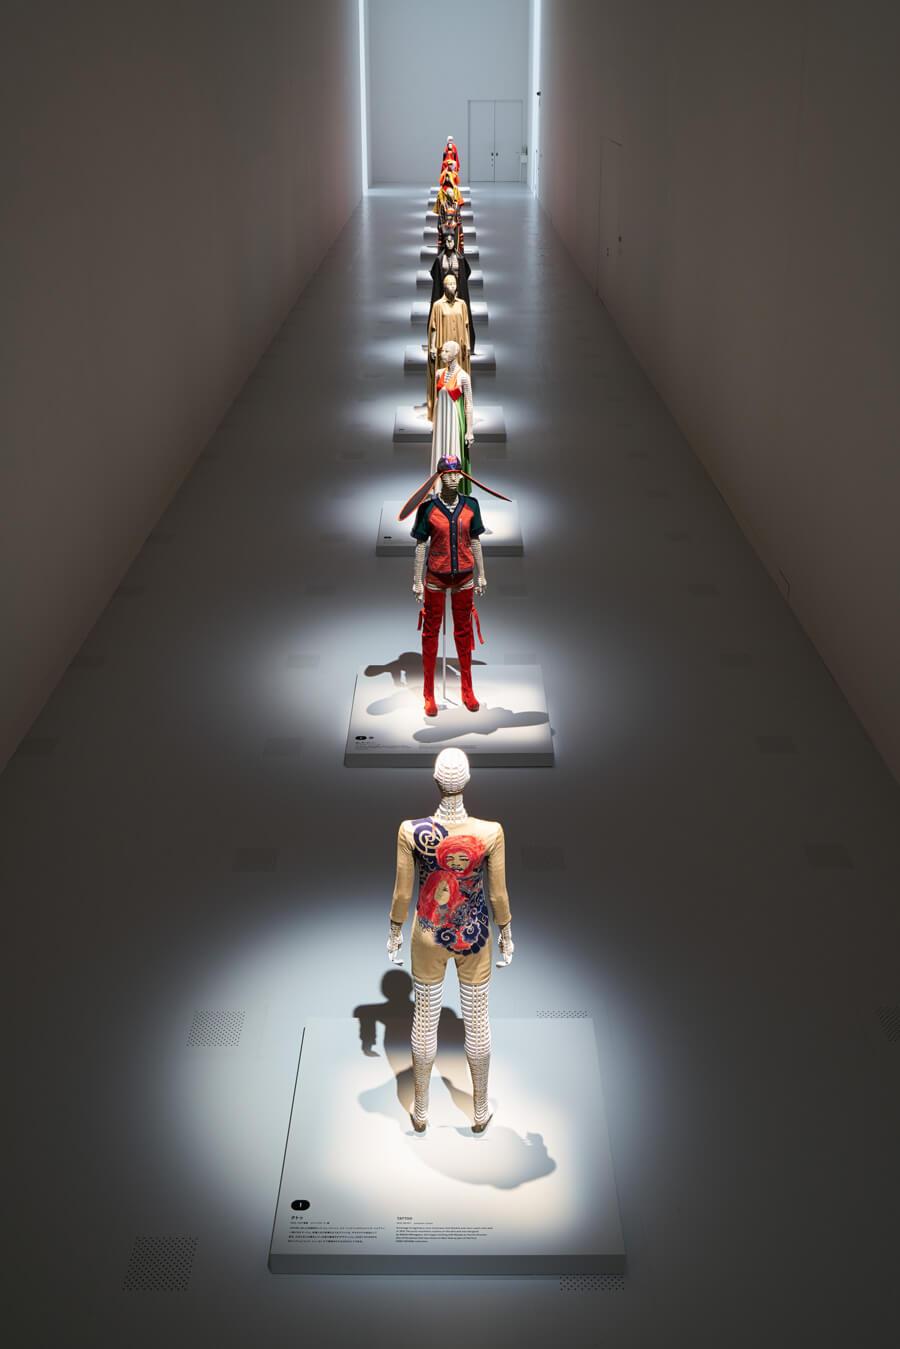 国立新美術館「MIYAKE ISSEY展: 三宅一生の仕事」 展示風景 撮影:吉村昌也